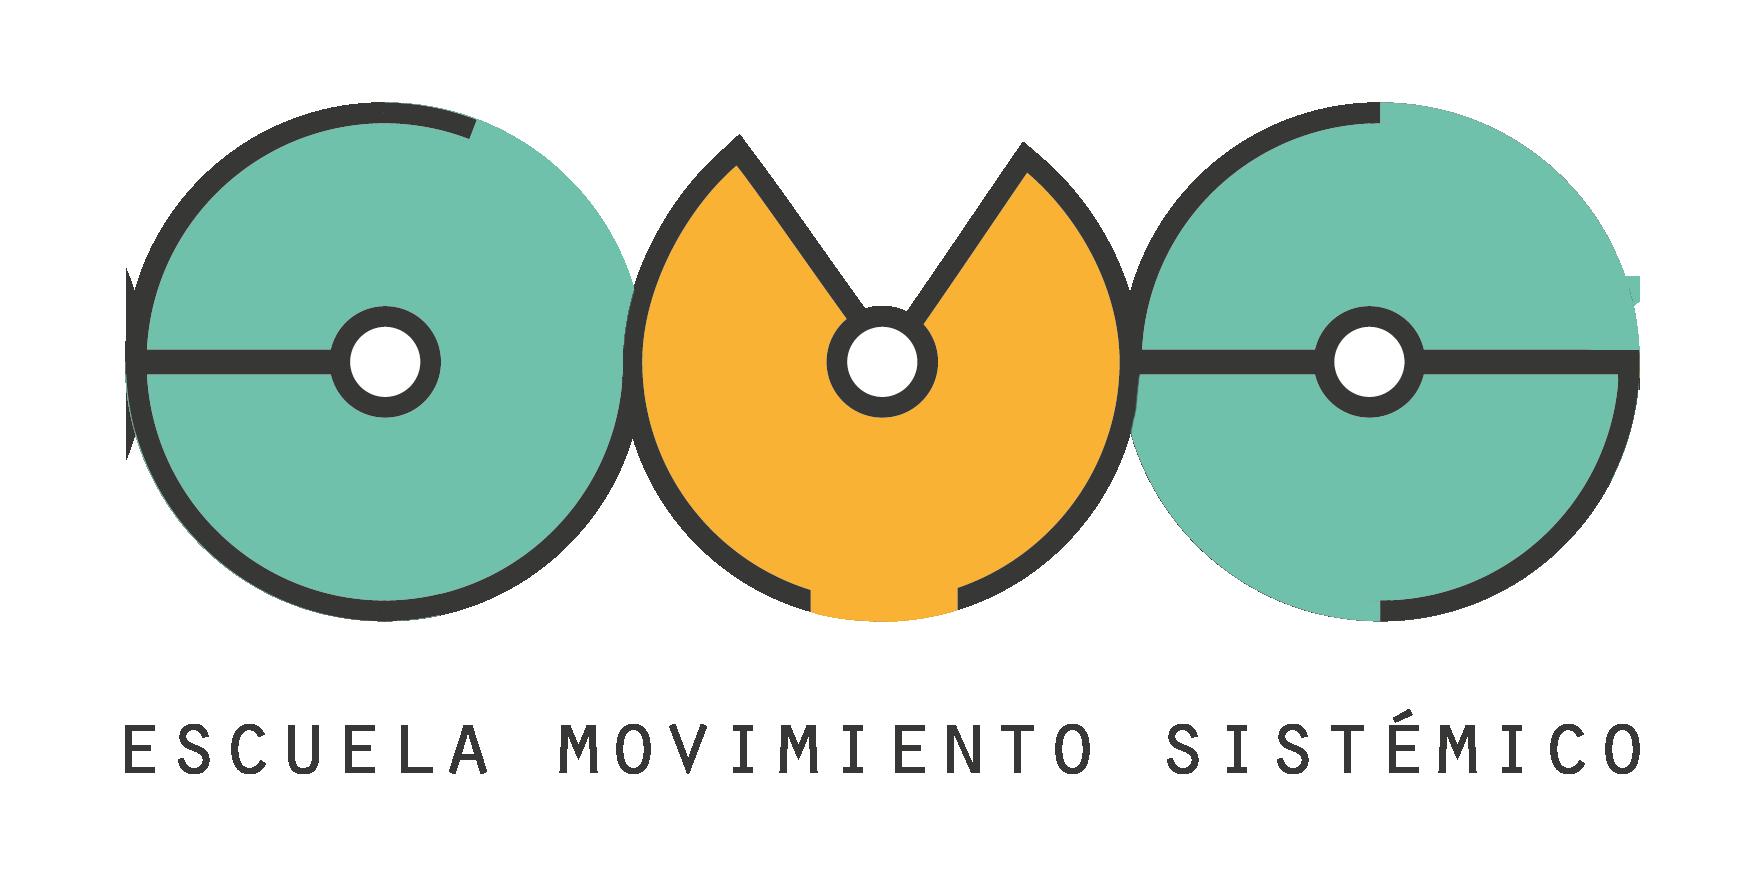 Escuela de Movimiento Sistémico